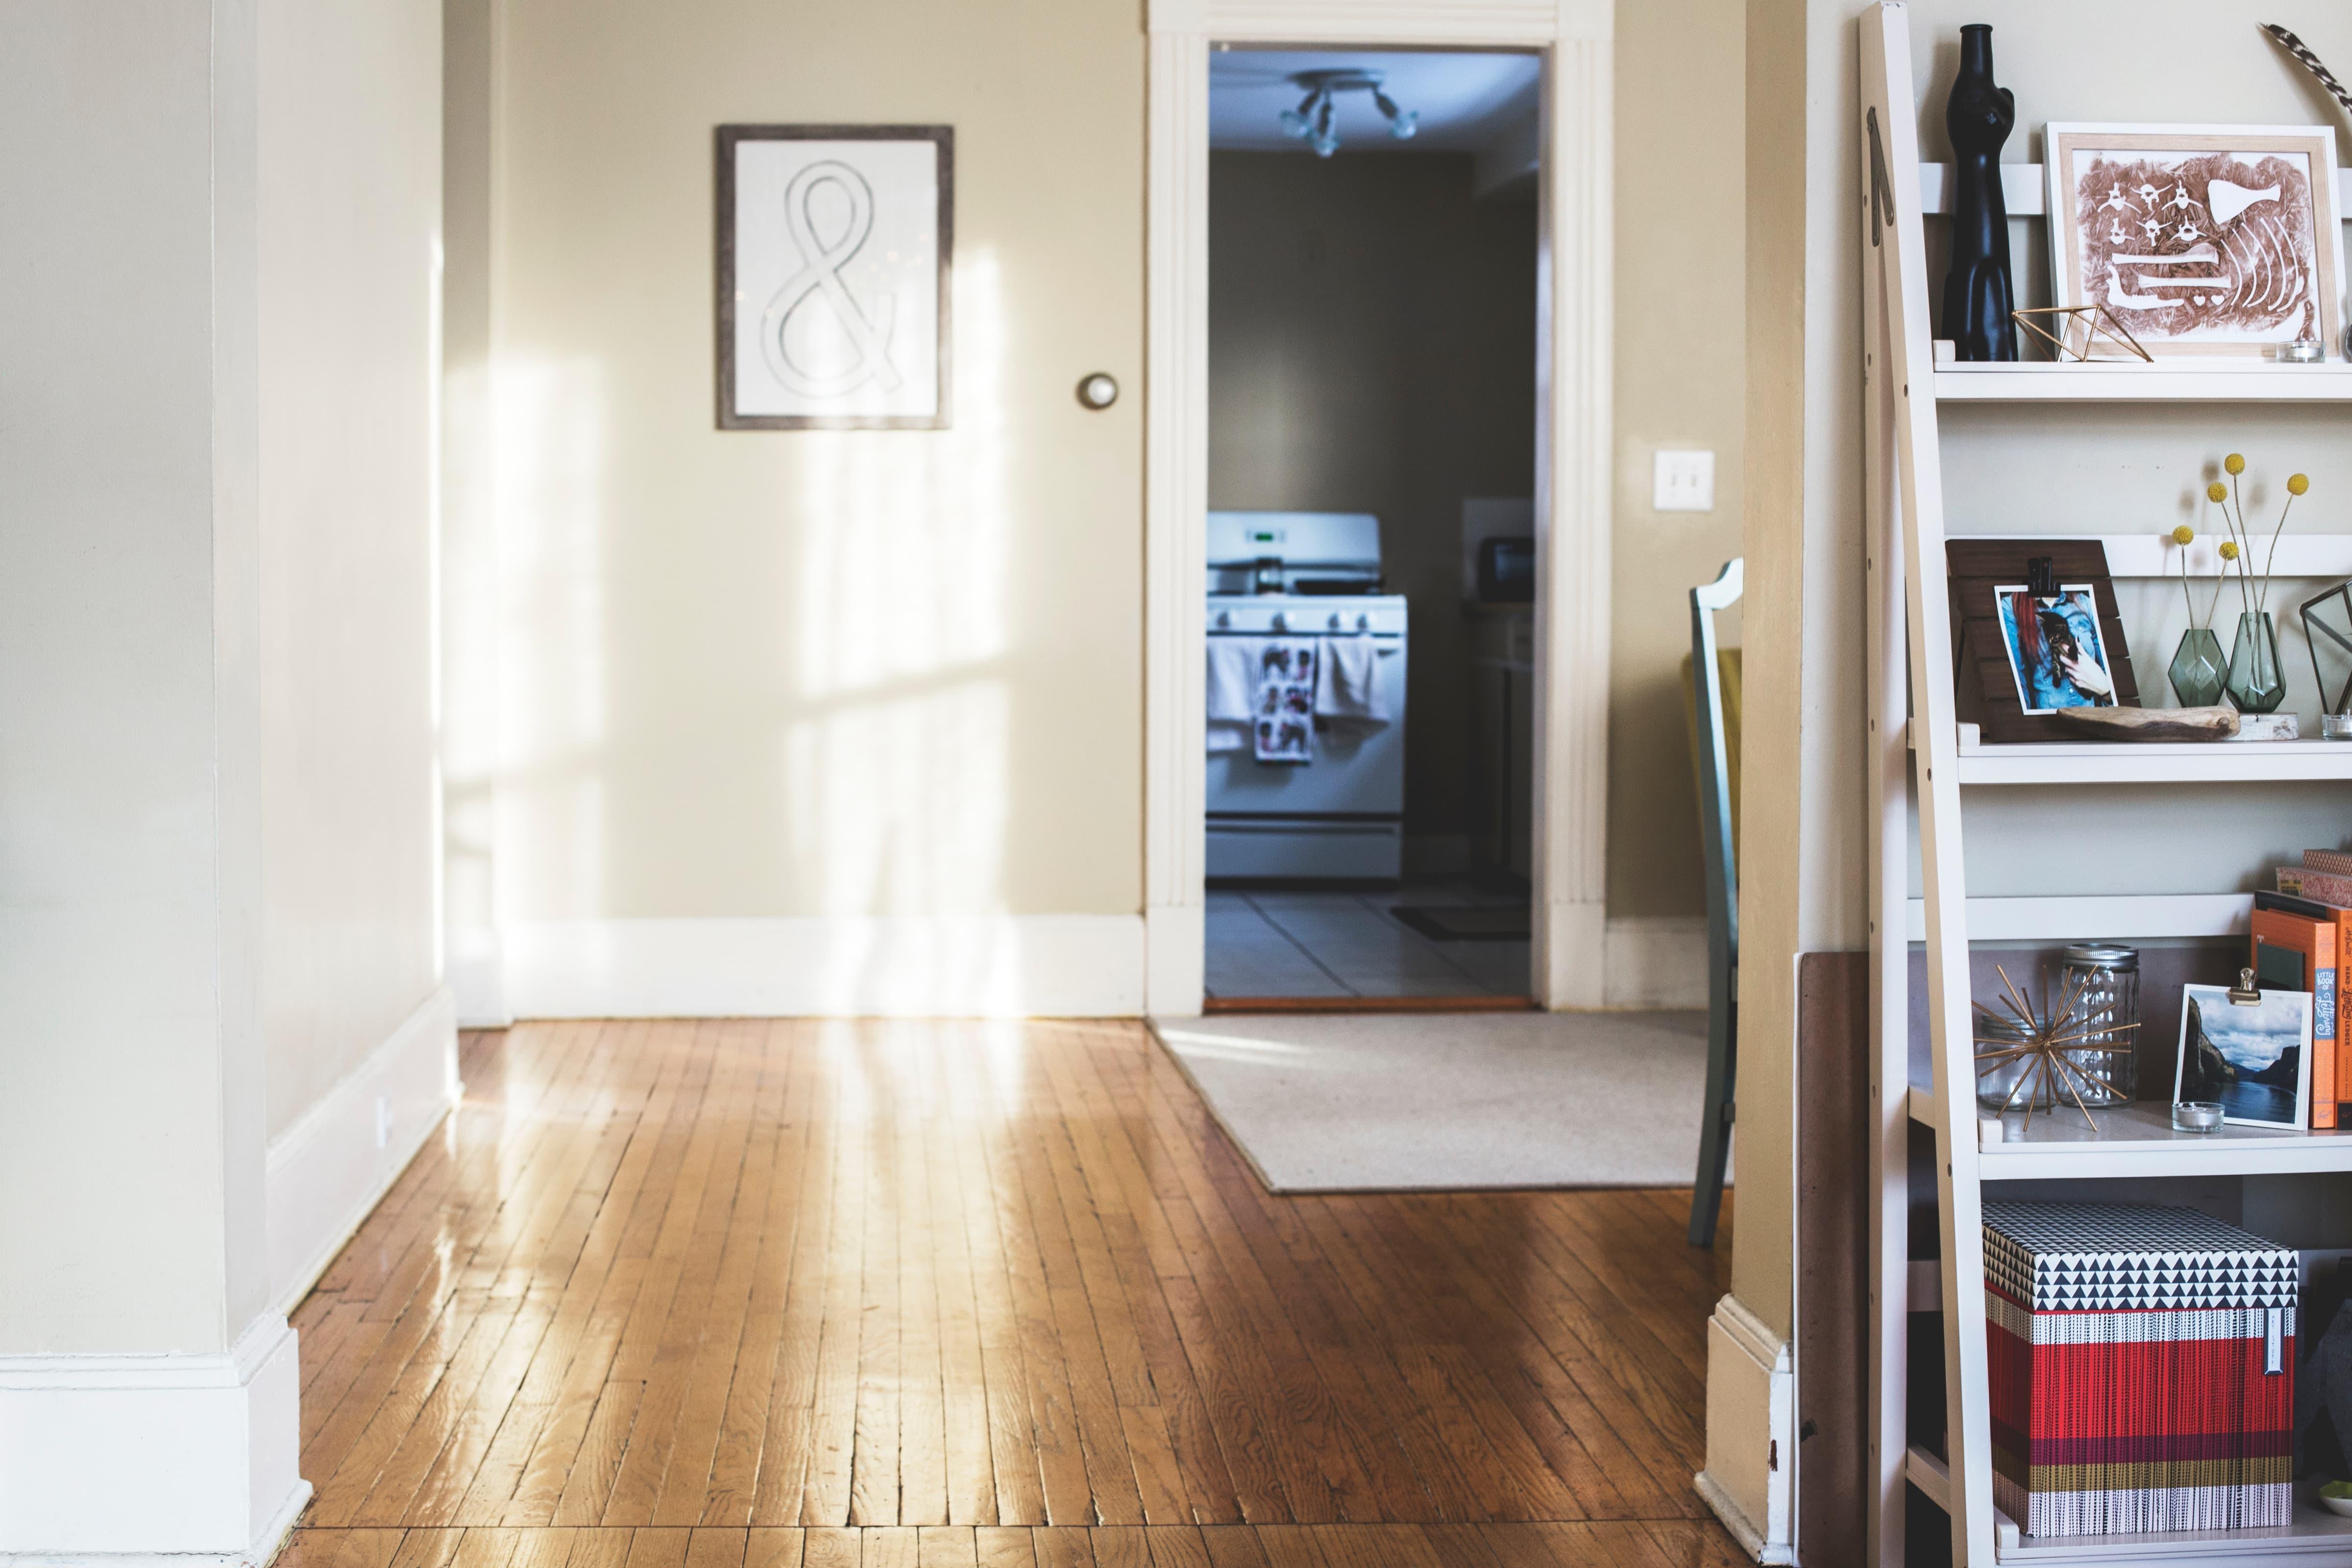 Vardagsrum med bokhylla och tavla på väggen, innan besiktning av lägenhet